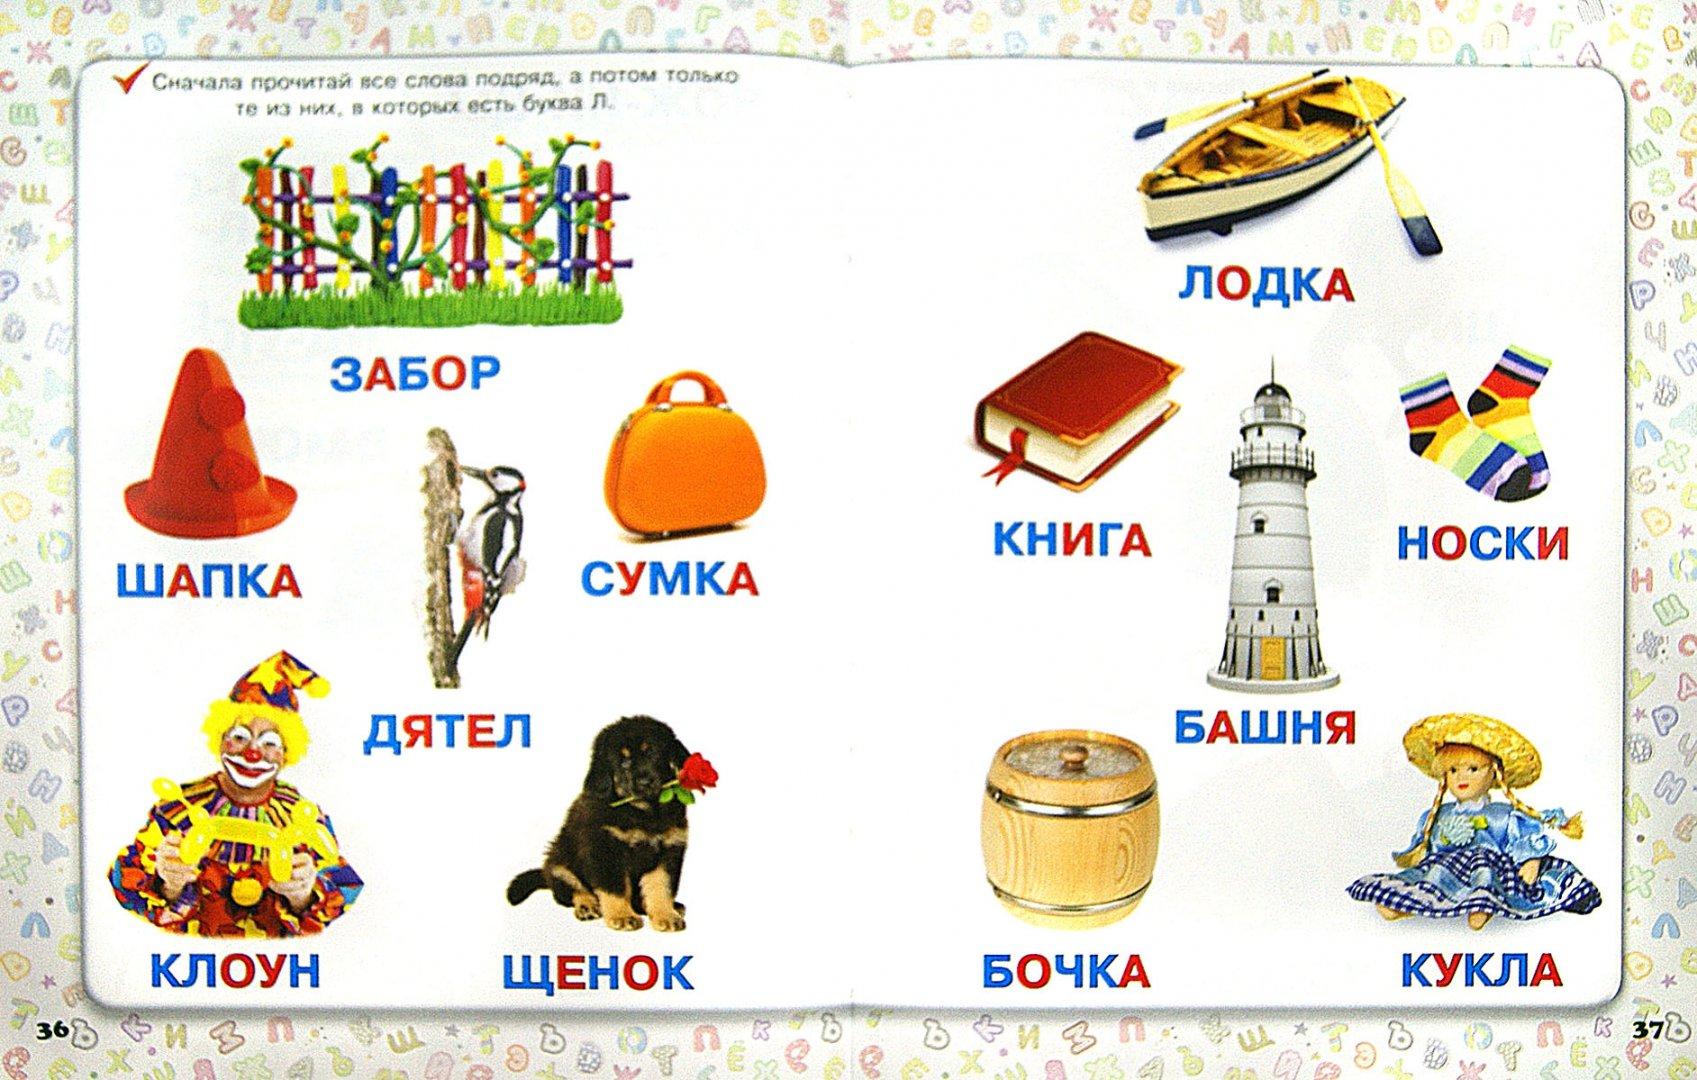 Иллюстрация 1 из 9 для Учимся читать. Для 4-6 лет - Гаврина, Топоркова, Щербинина, Кутявина   Лабиринт - книги. Источник: Лабиринт